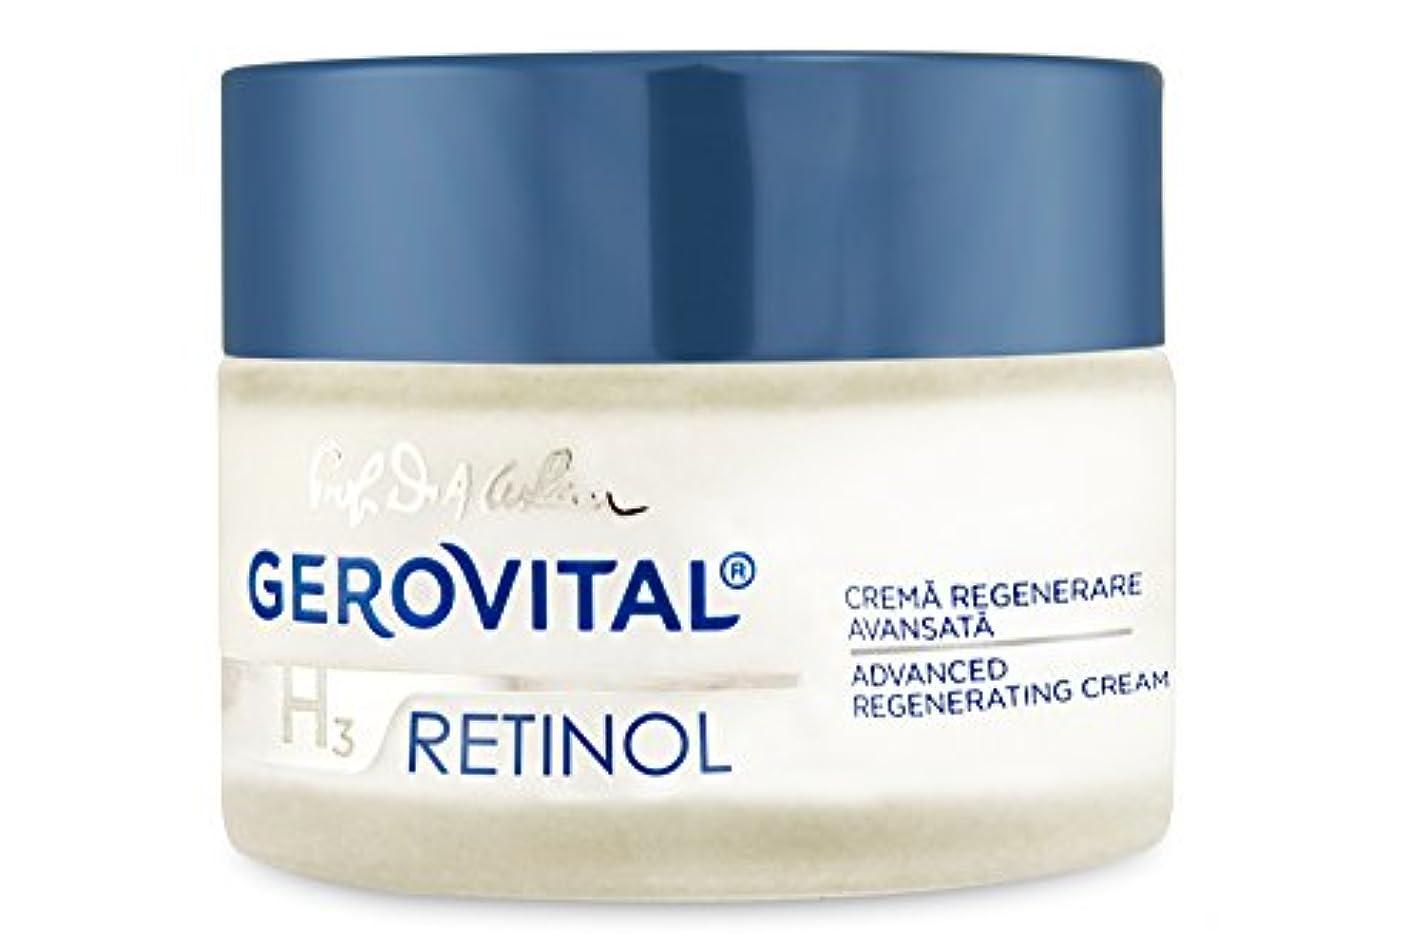 同化マザーランド第三ジェロビタールH3 - レチノール アドバンスリジェネクリーム